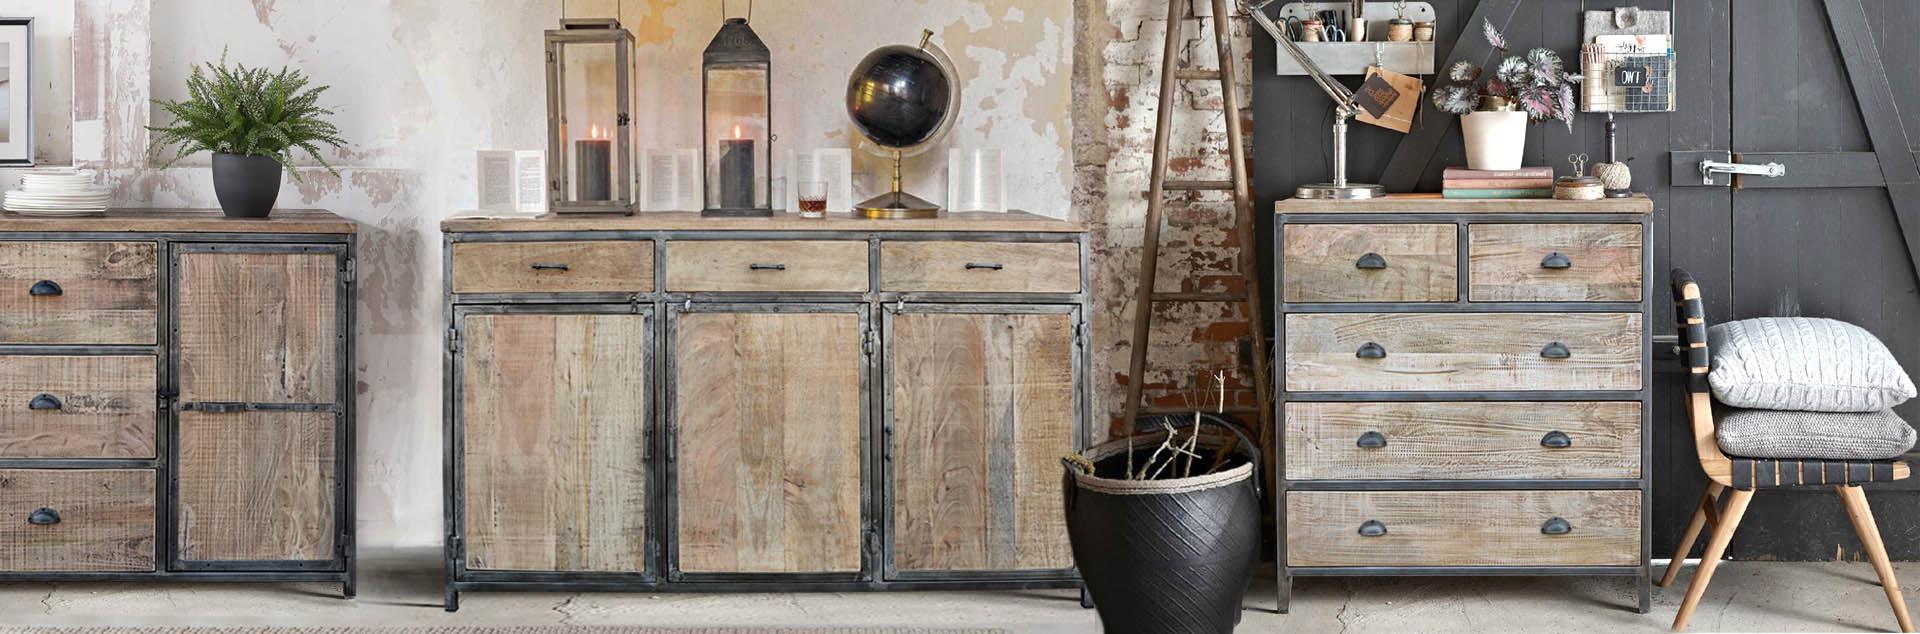 meble industrialne loftowe - metalowe i drewniane